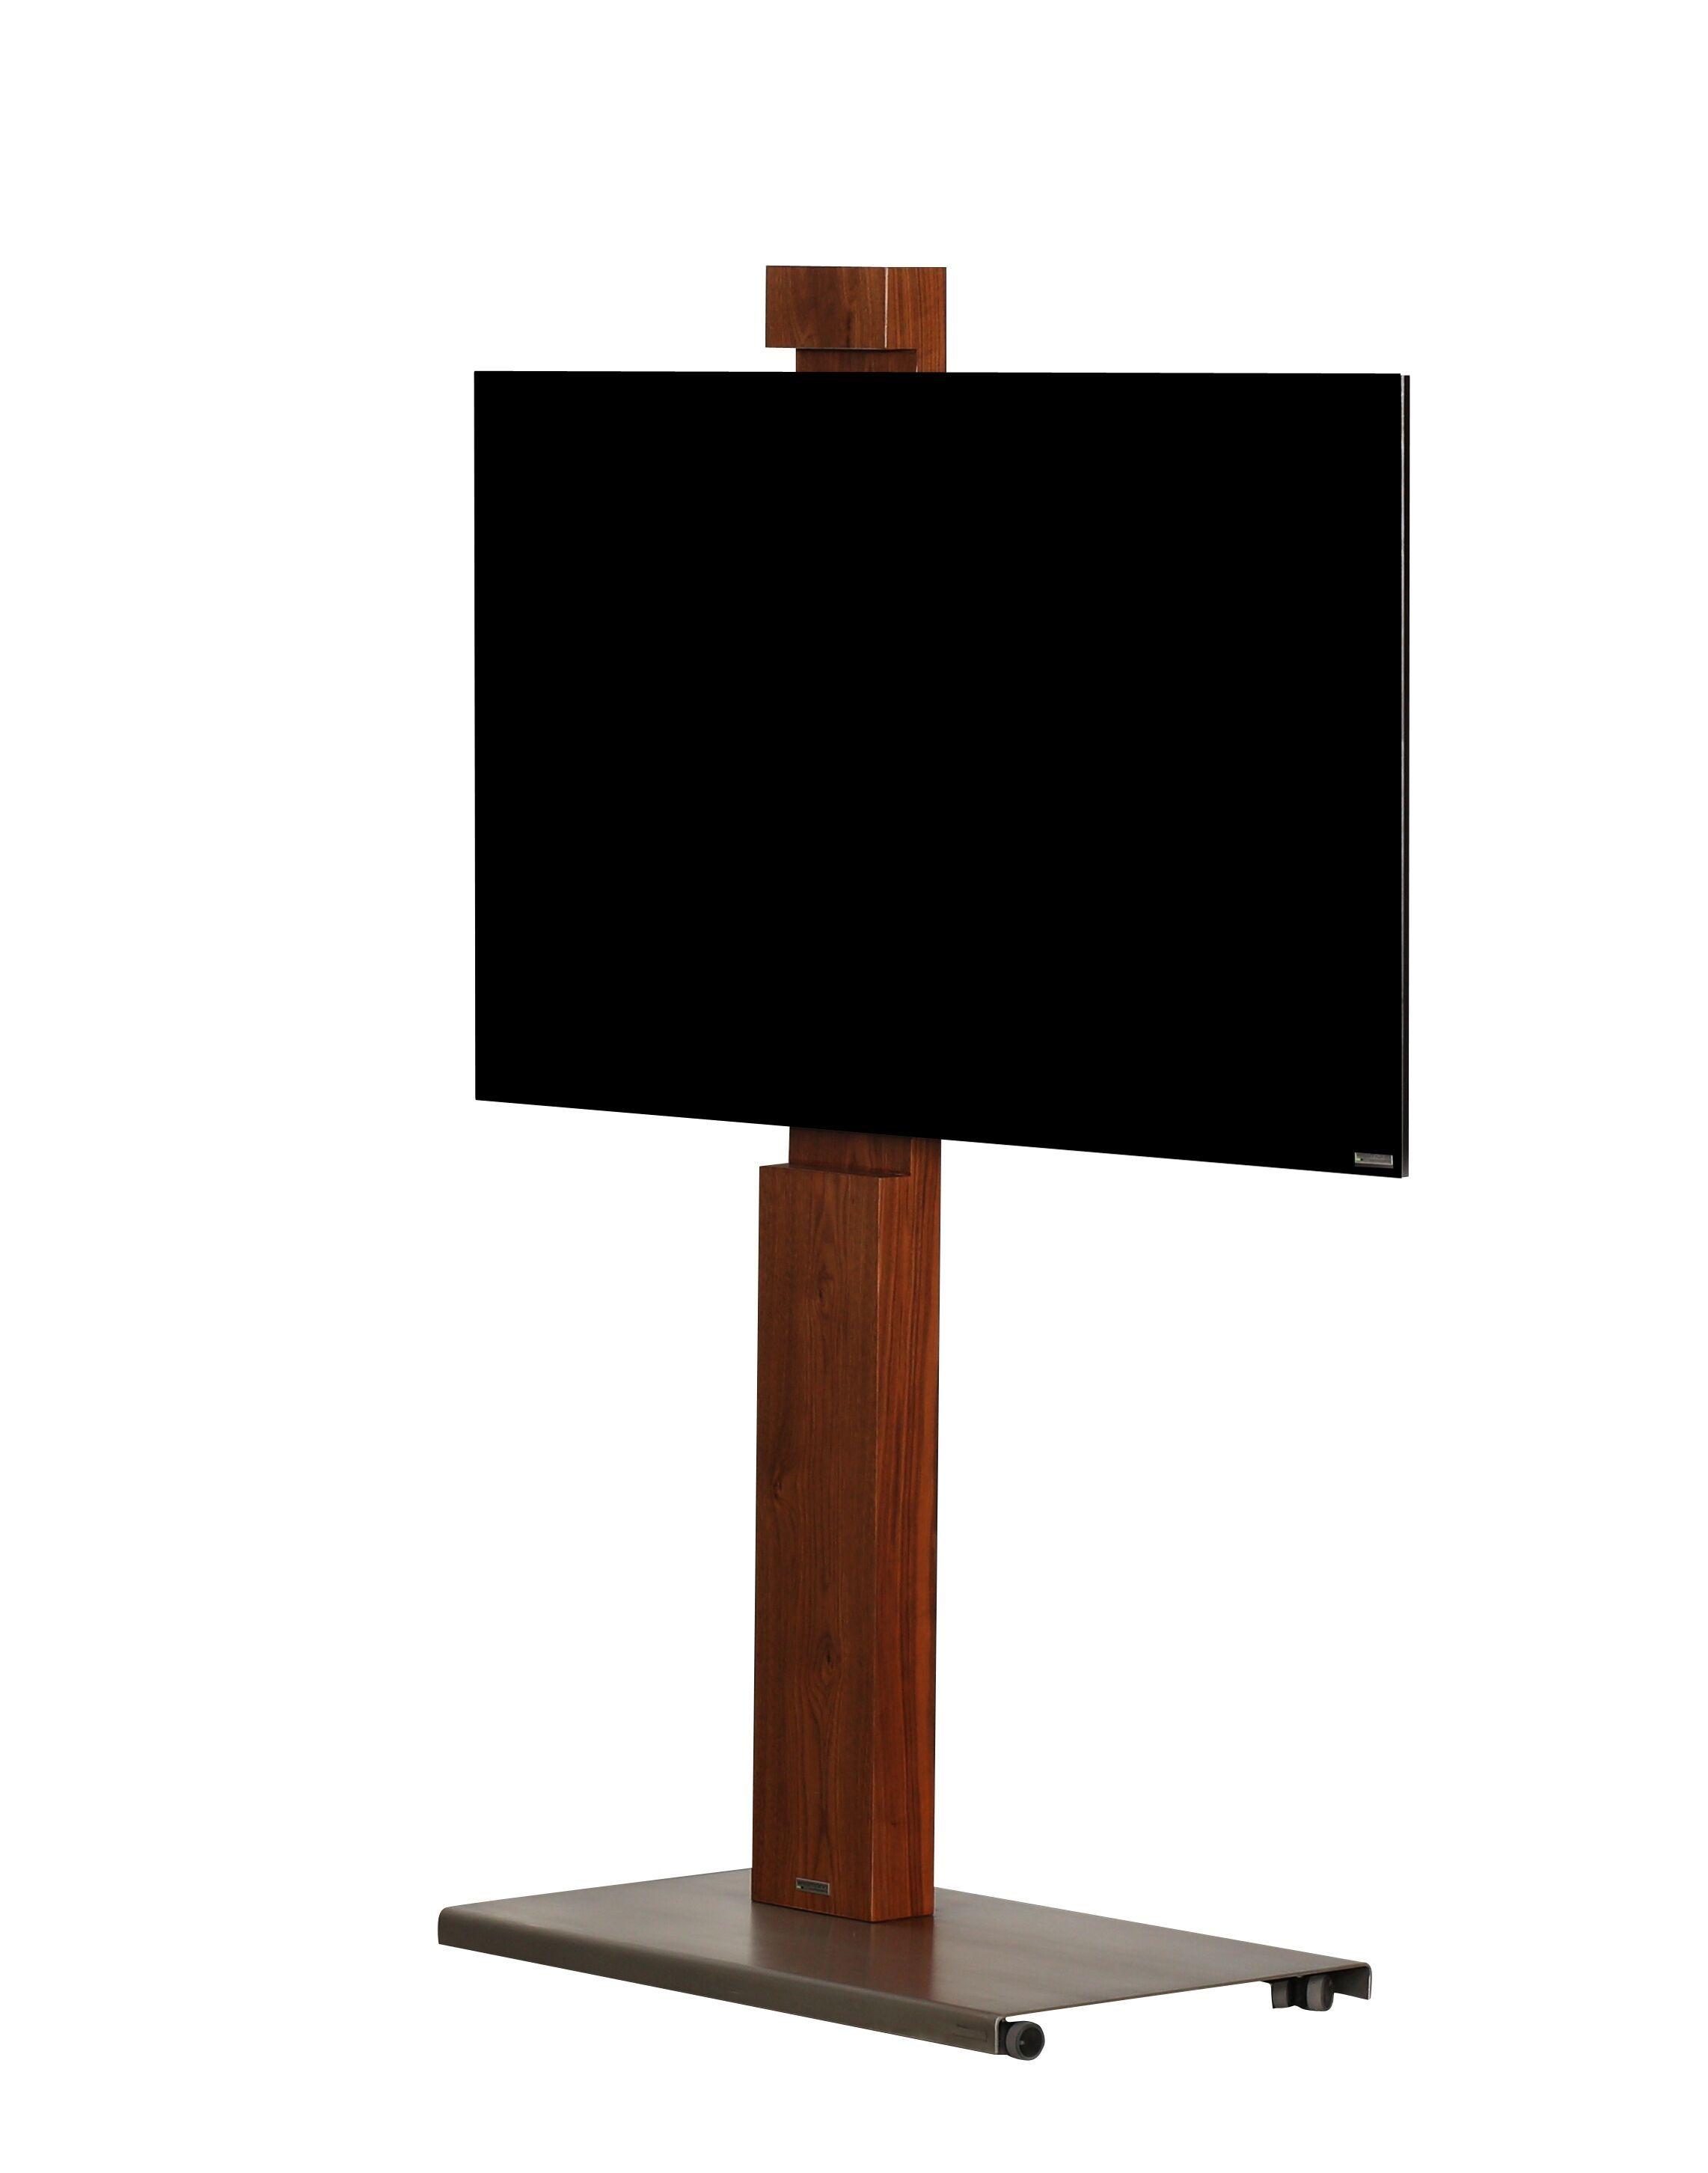 Tv Halter Column Art118 H Produktdesign Wissmann Raumobjekte